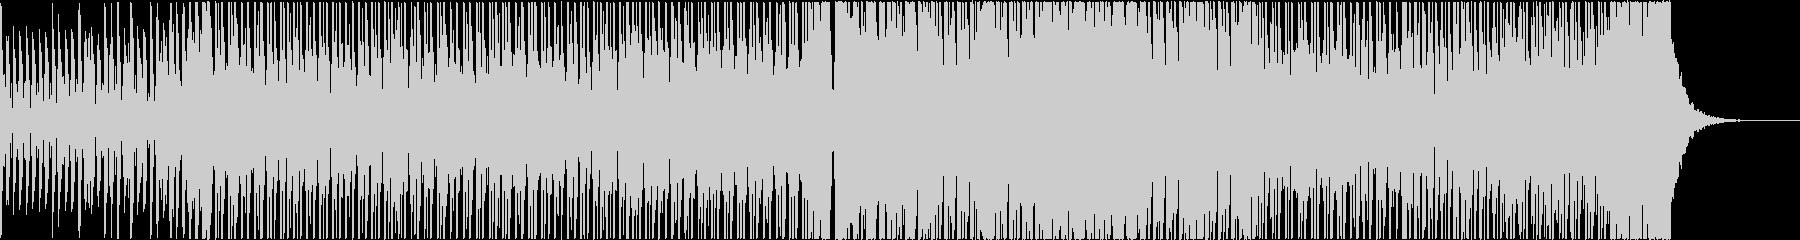 和風 和太鼓 EDM 琴 疾風 スピードの未再生の波形